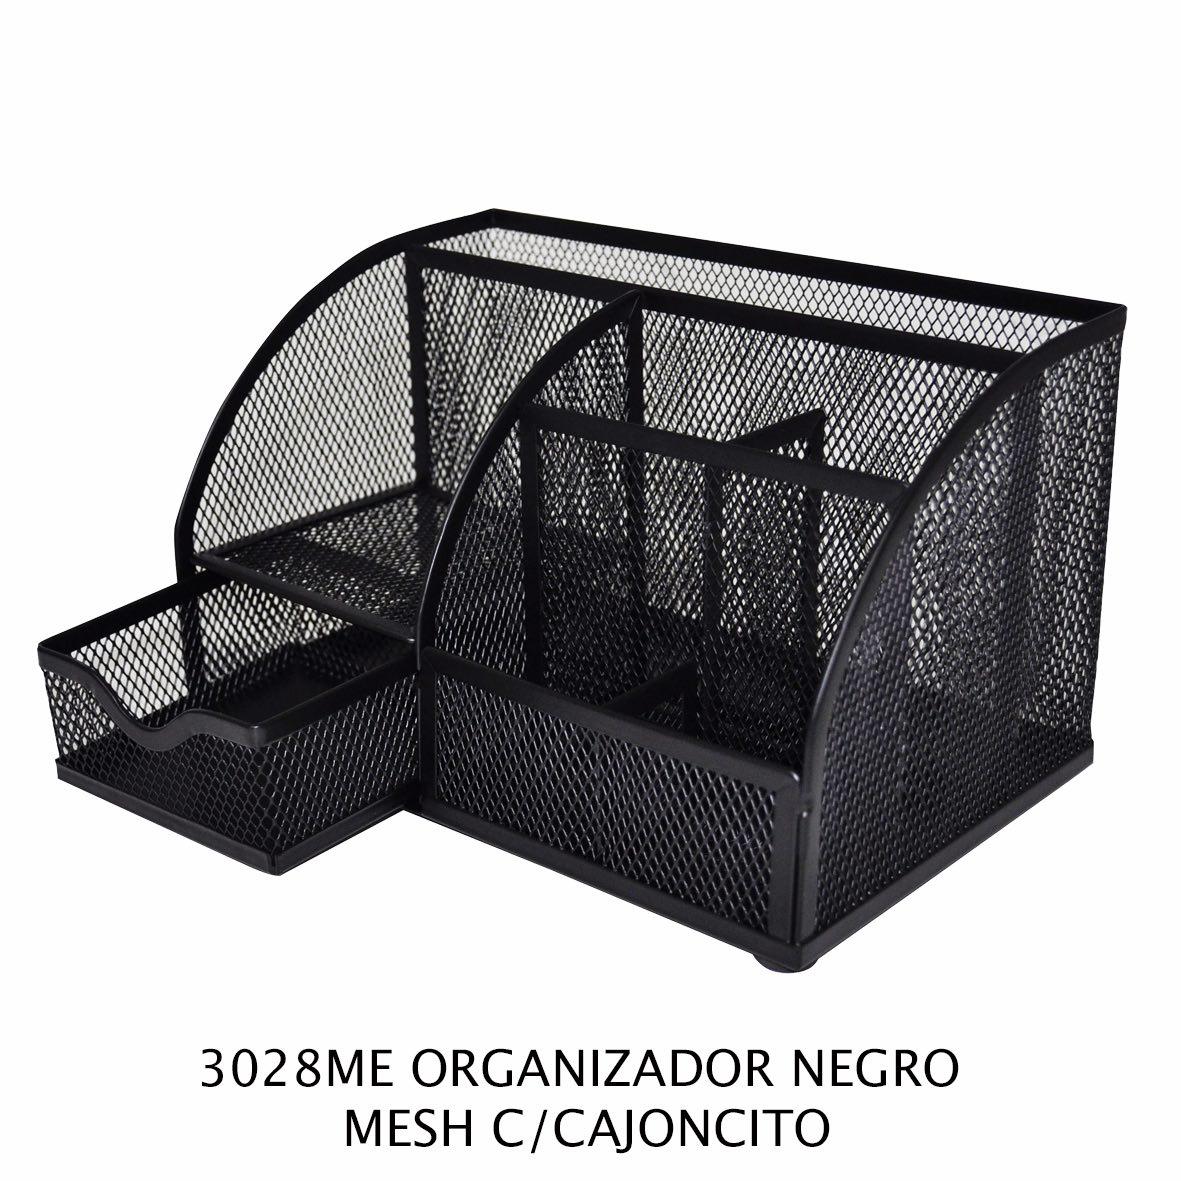 Organizador Negro Mesh con cajoncito modelo 3028ME de Sablón